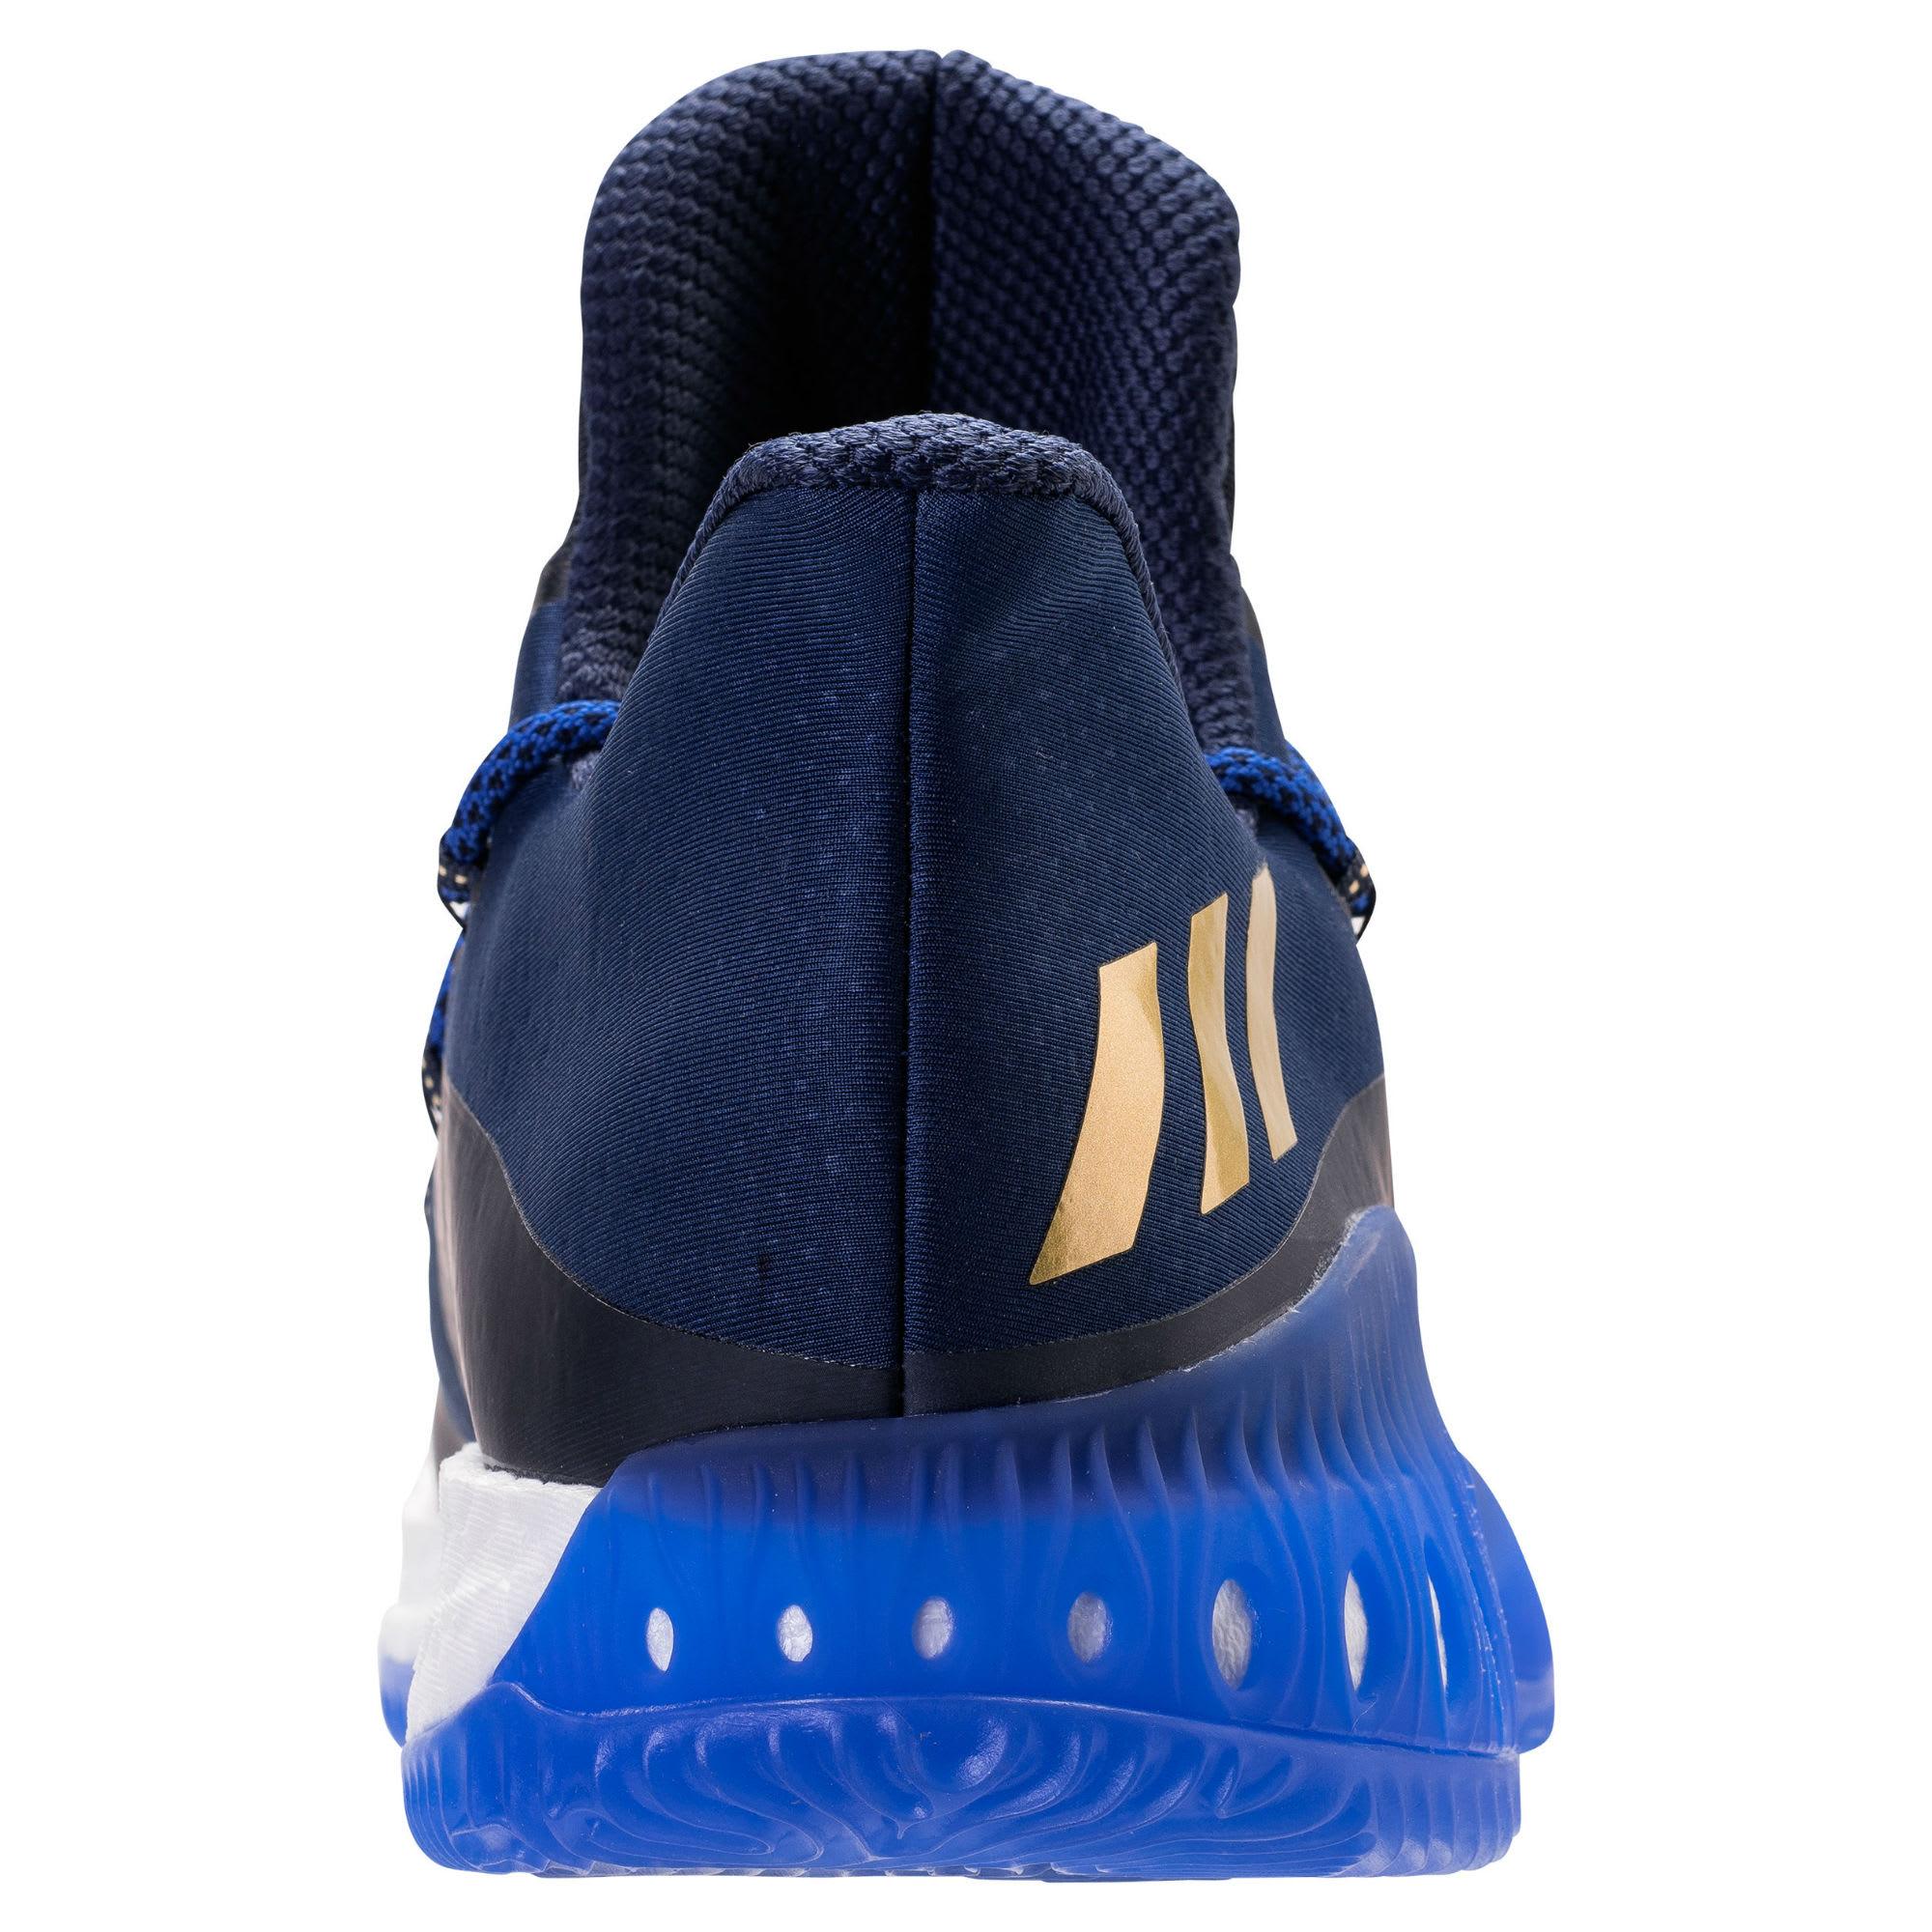 Adidas Crazy Explosive Low Andrew Wiggins PE Heel Release Date BW0571